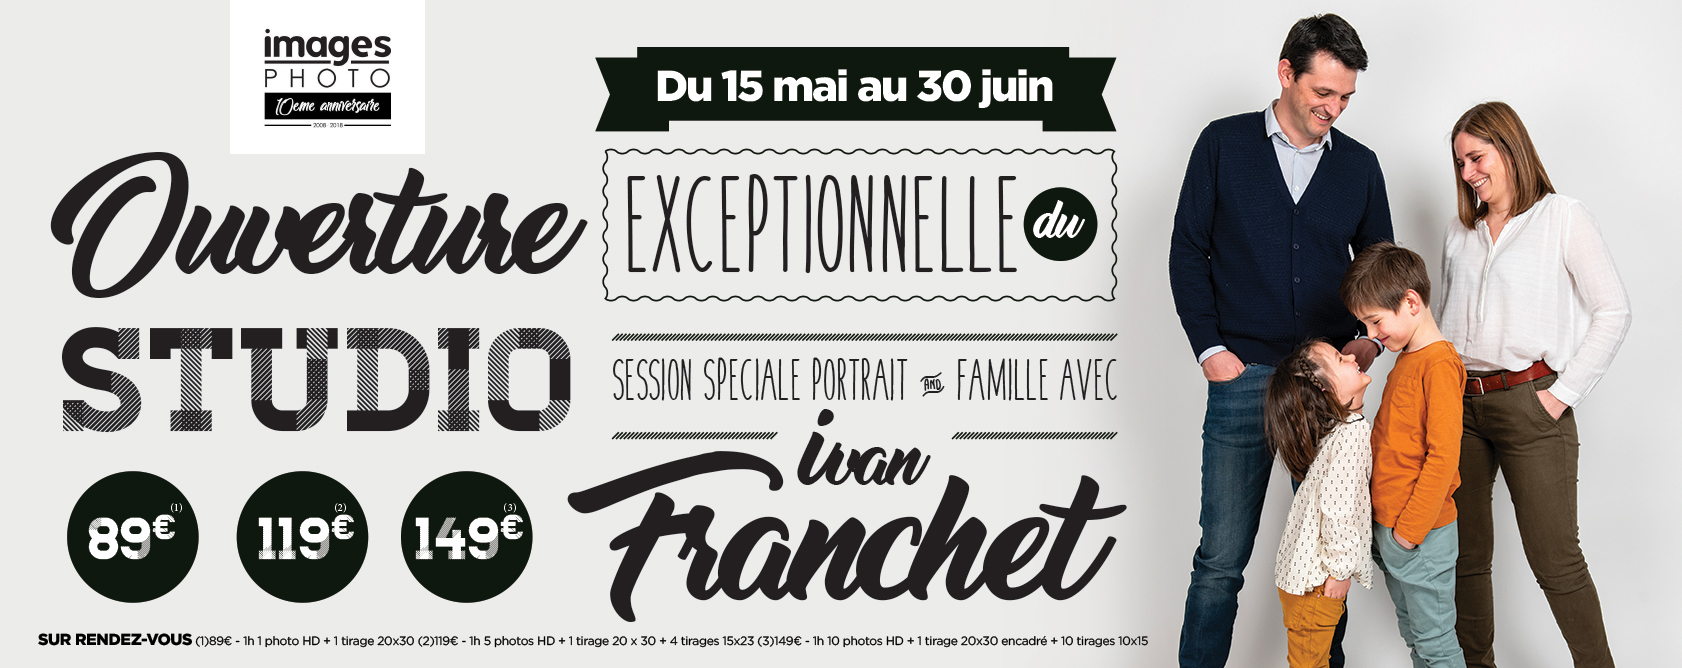 Ivan Franchet